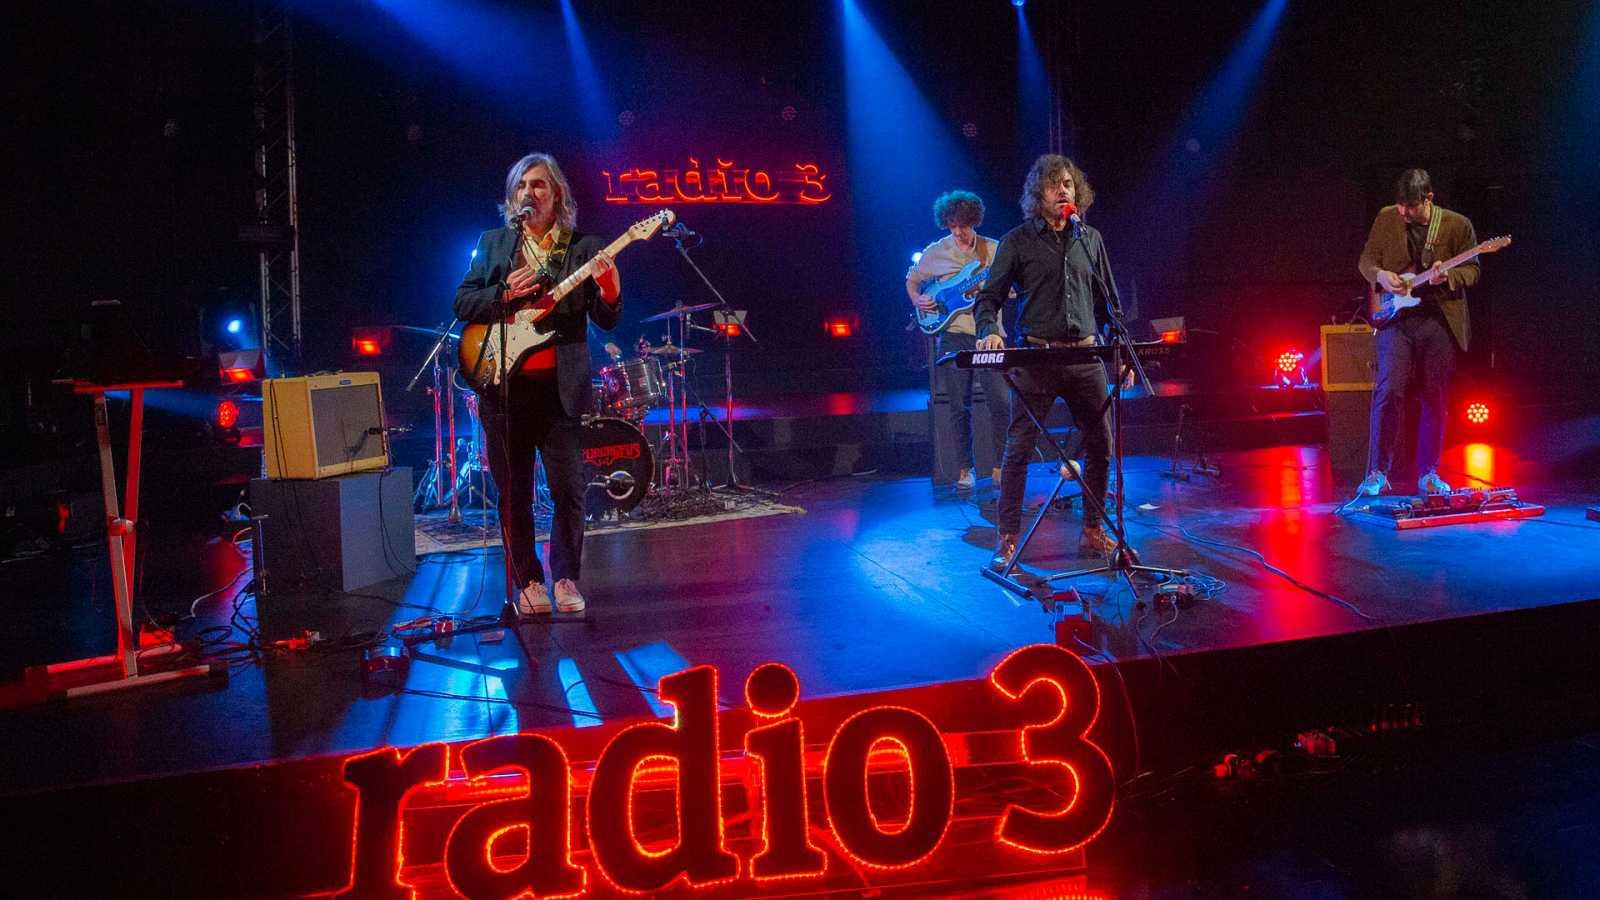 Los conciertos de Radio 3 - Joe Crepúsculo - ver ahora